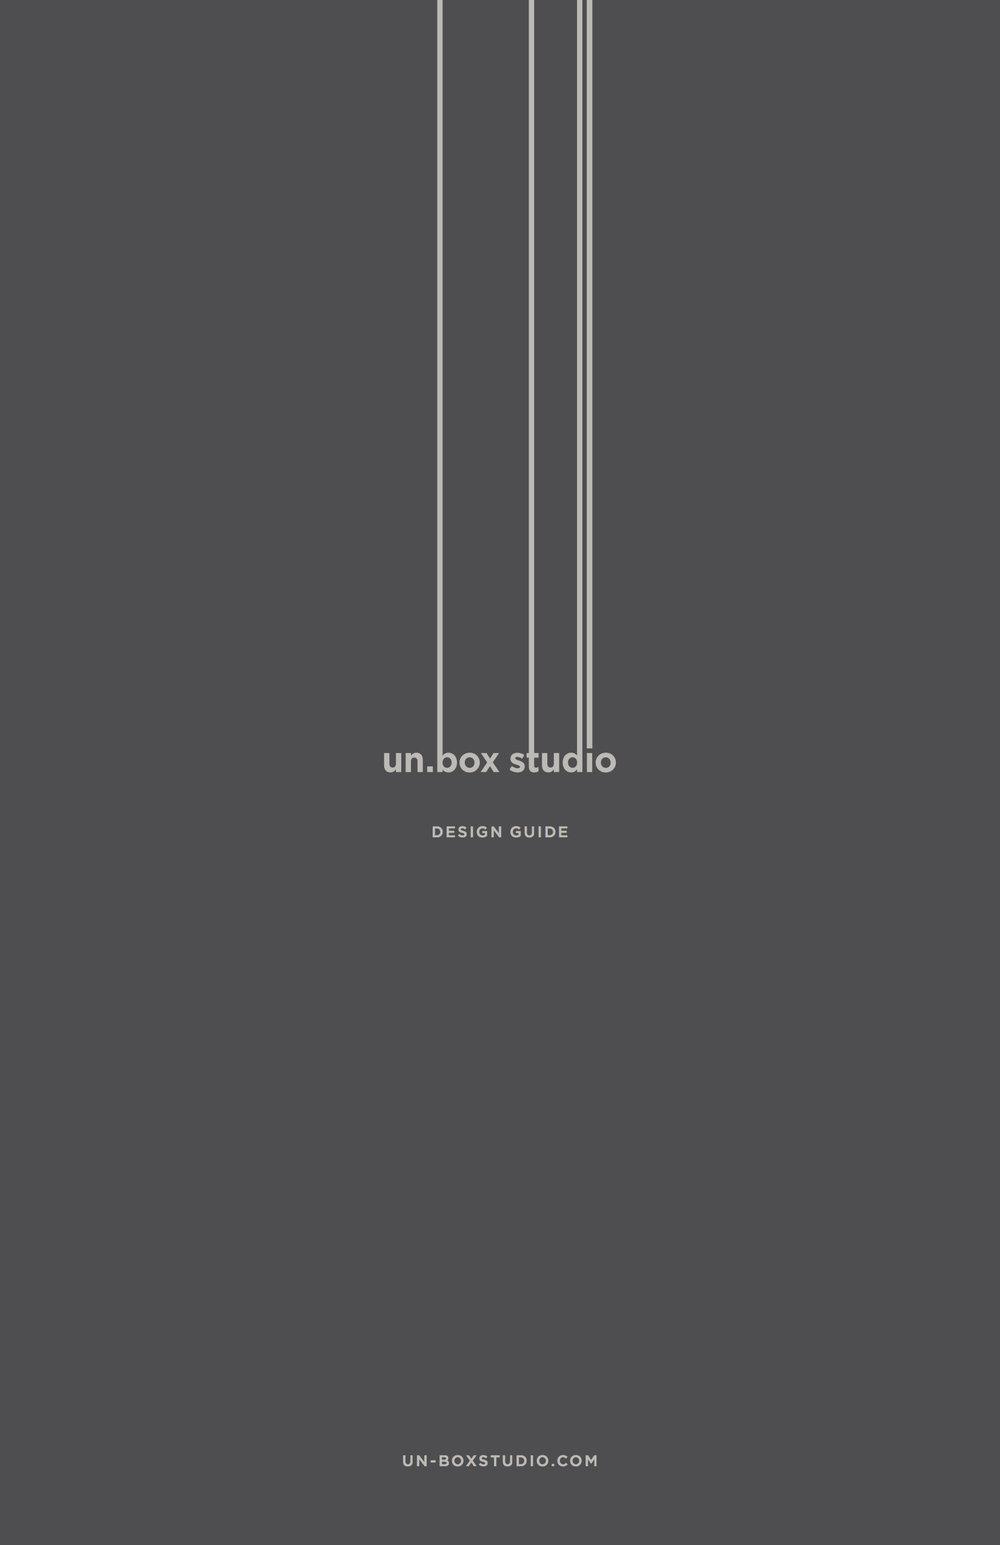 design guide_00.jpg